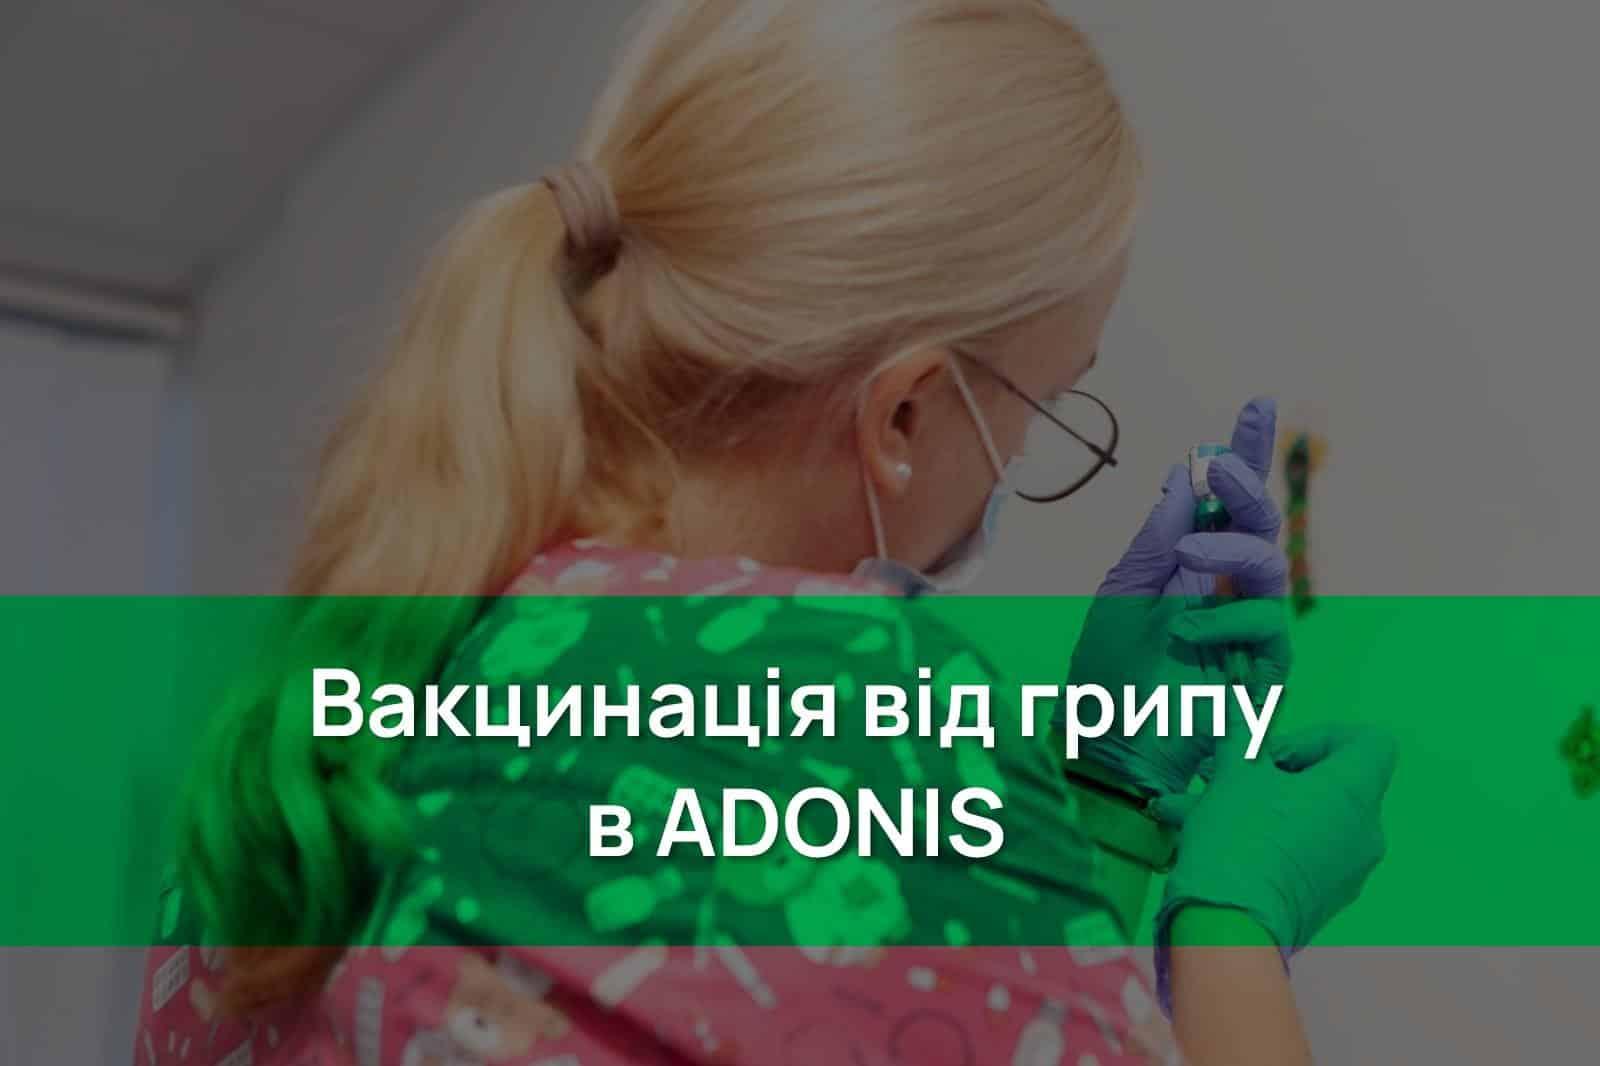 Вакцинація від грипу в ADONIS